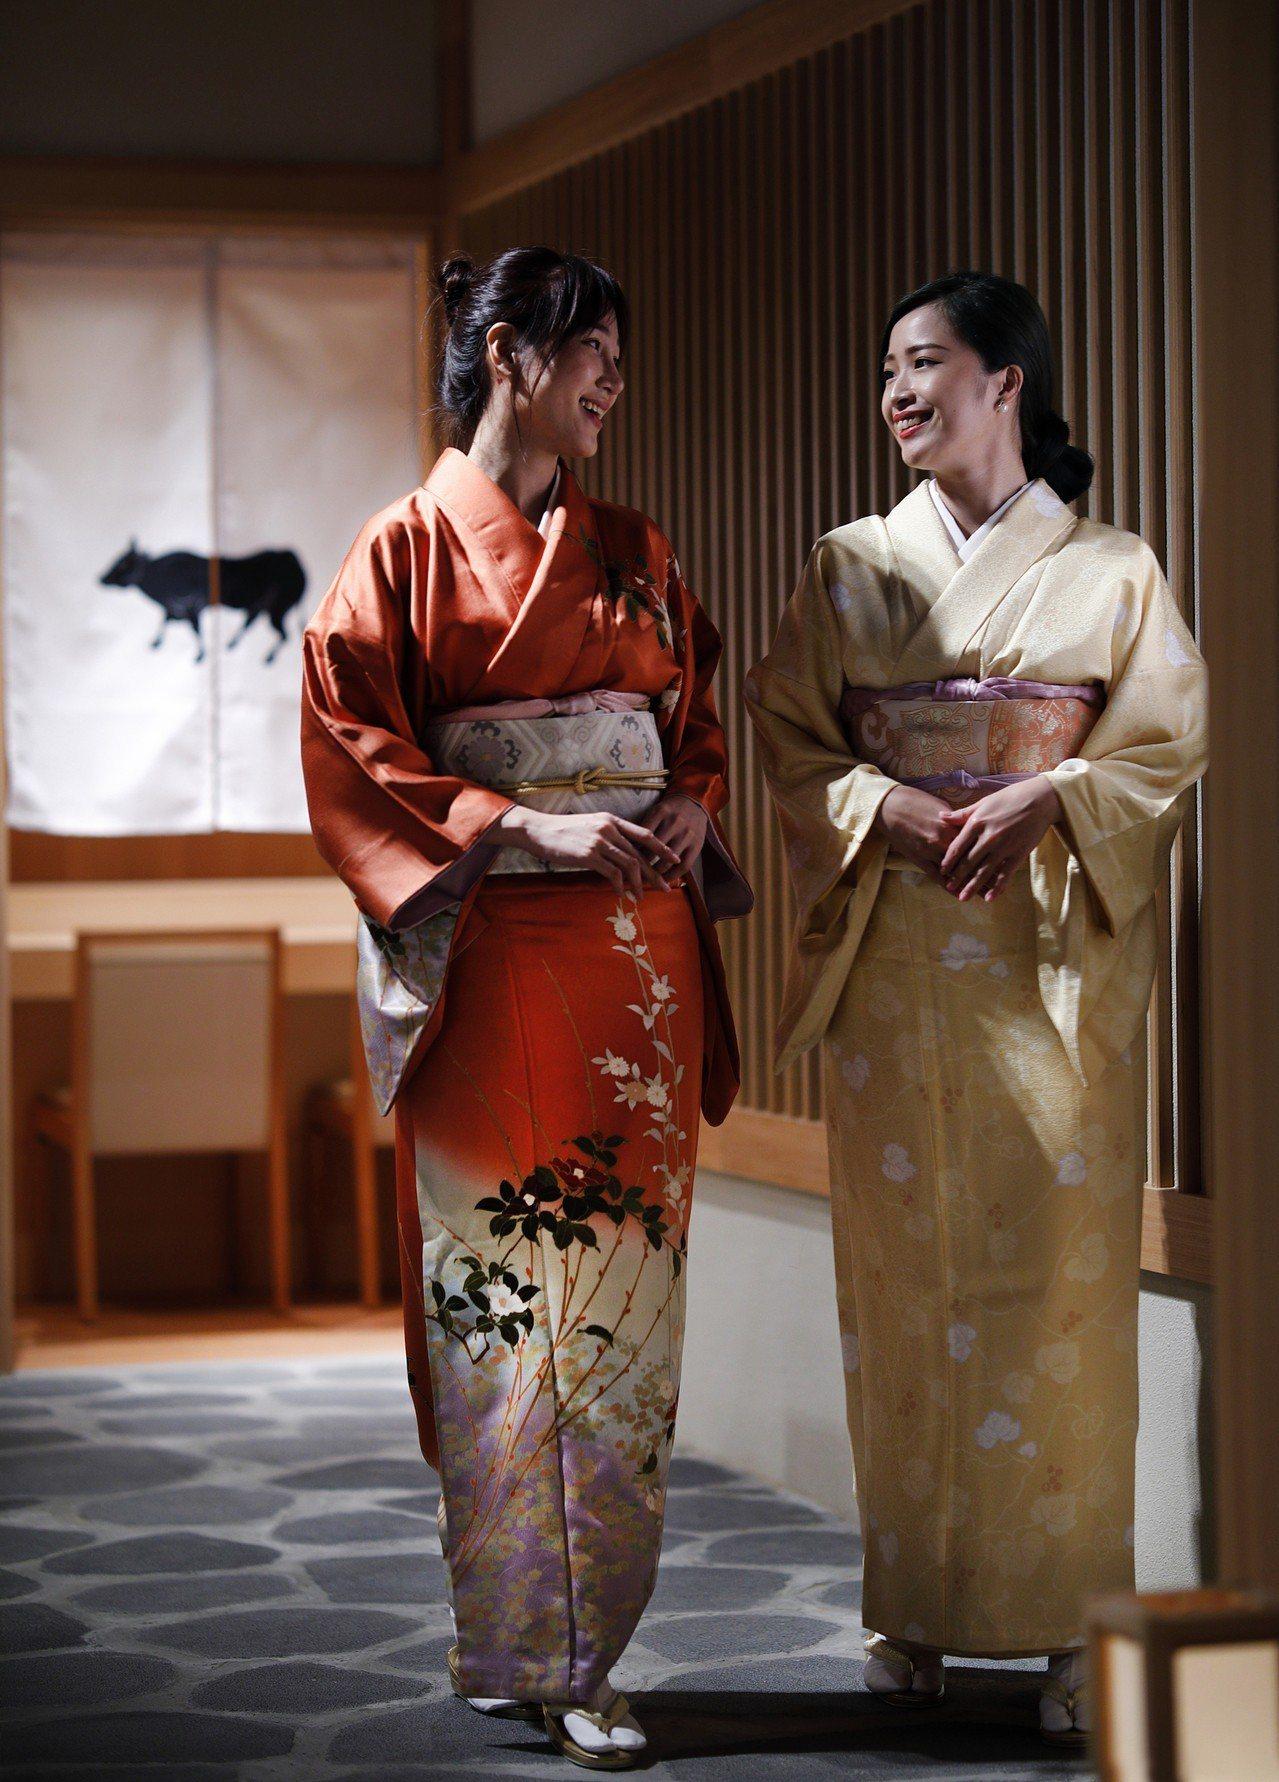 樂軒松阪亭包廂女性客人可預約體驗一件逾十萬台幣的日本正絹和服。圖/新光三越提供